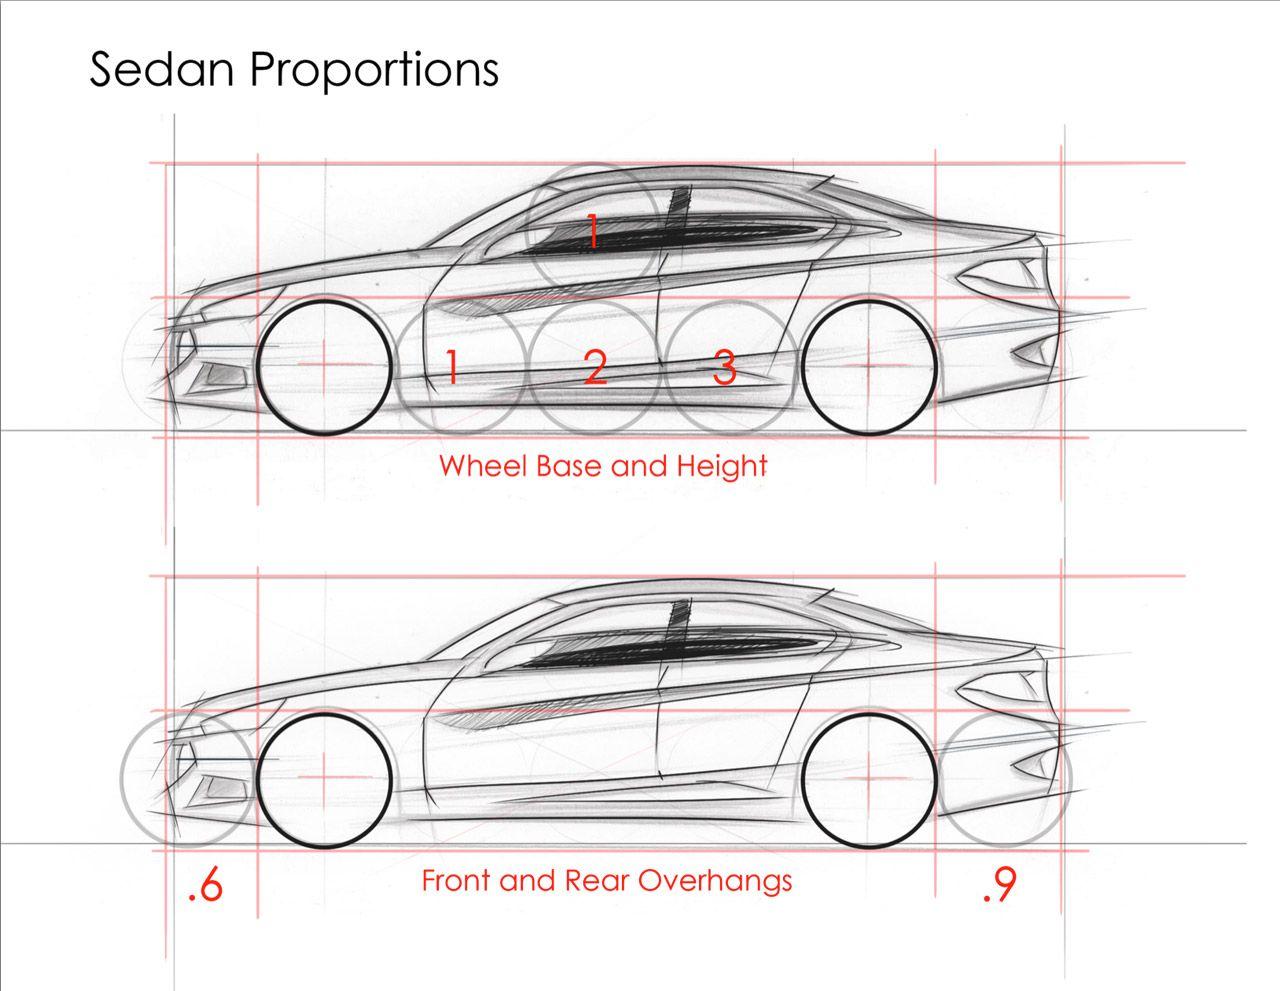 Sedan-Proportions | Auto | Pinterest | Skizzieren, Die arbeit und ...